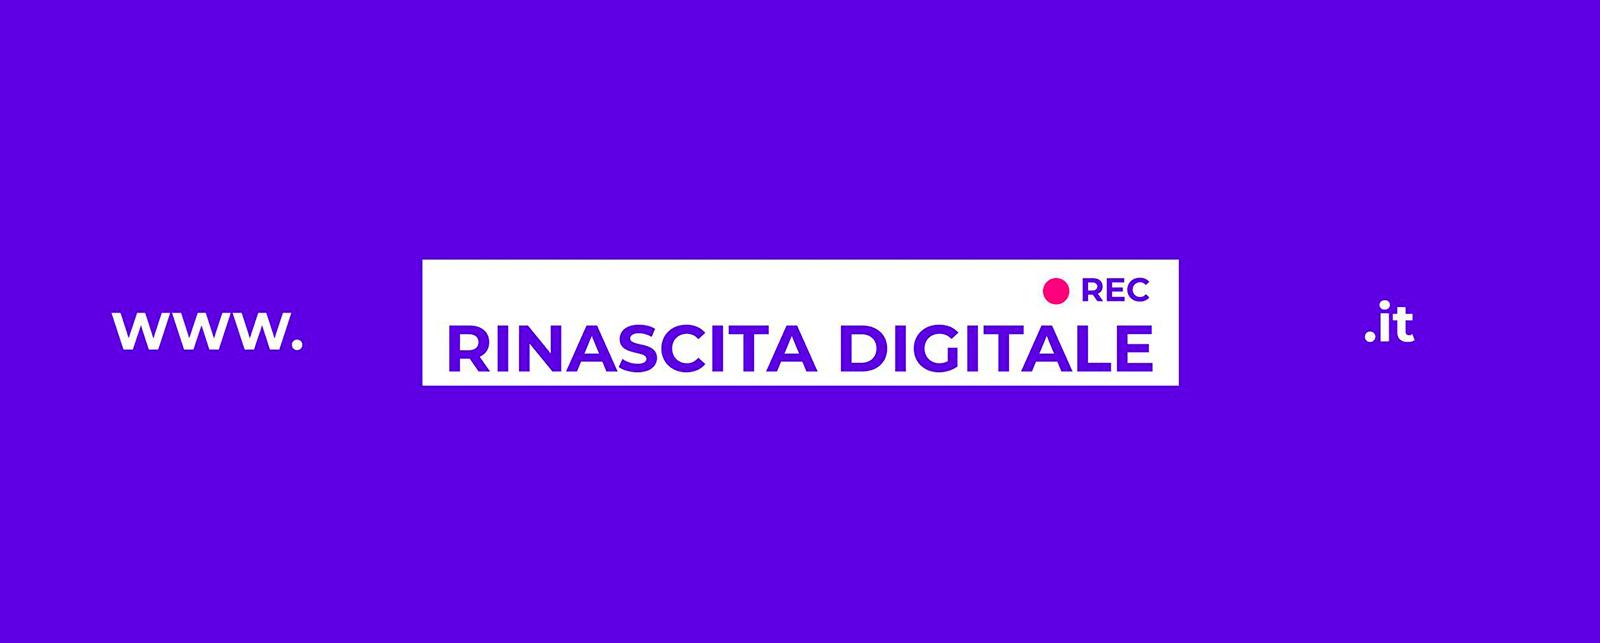 Rinascita Digitale: Formazione Gratuita per l'Italia di Domani